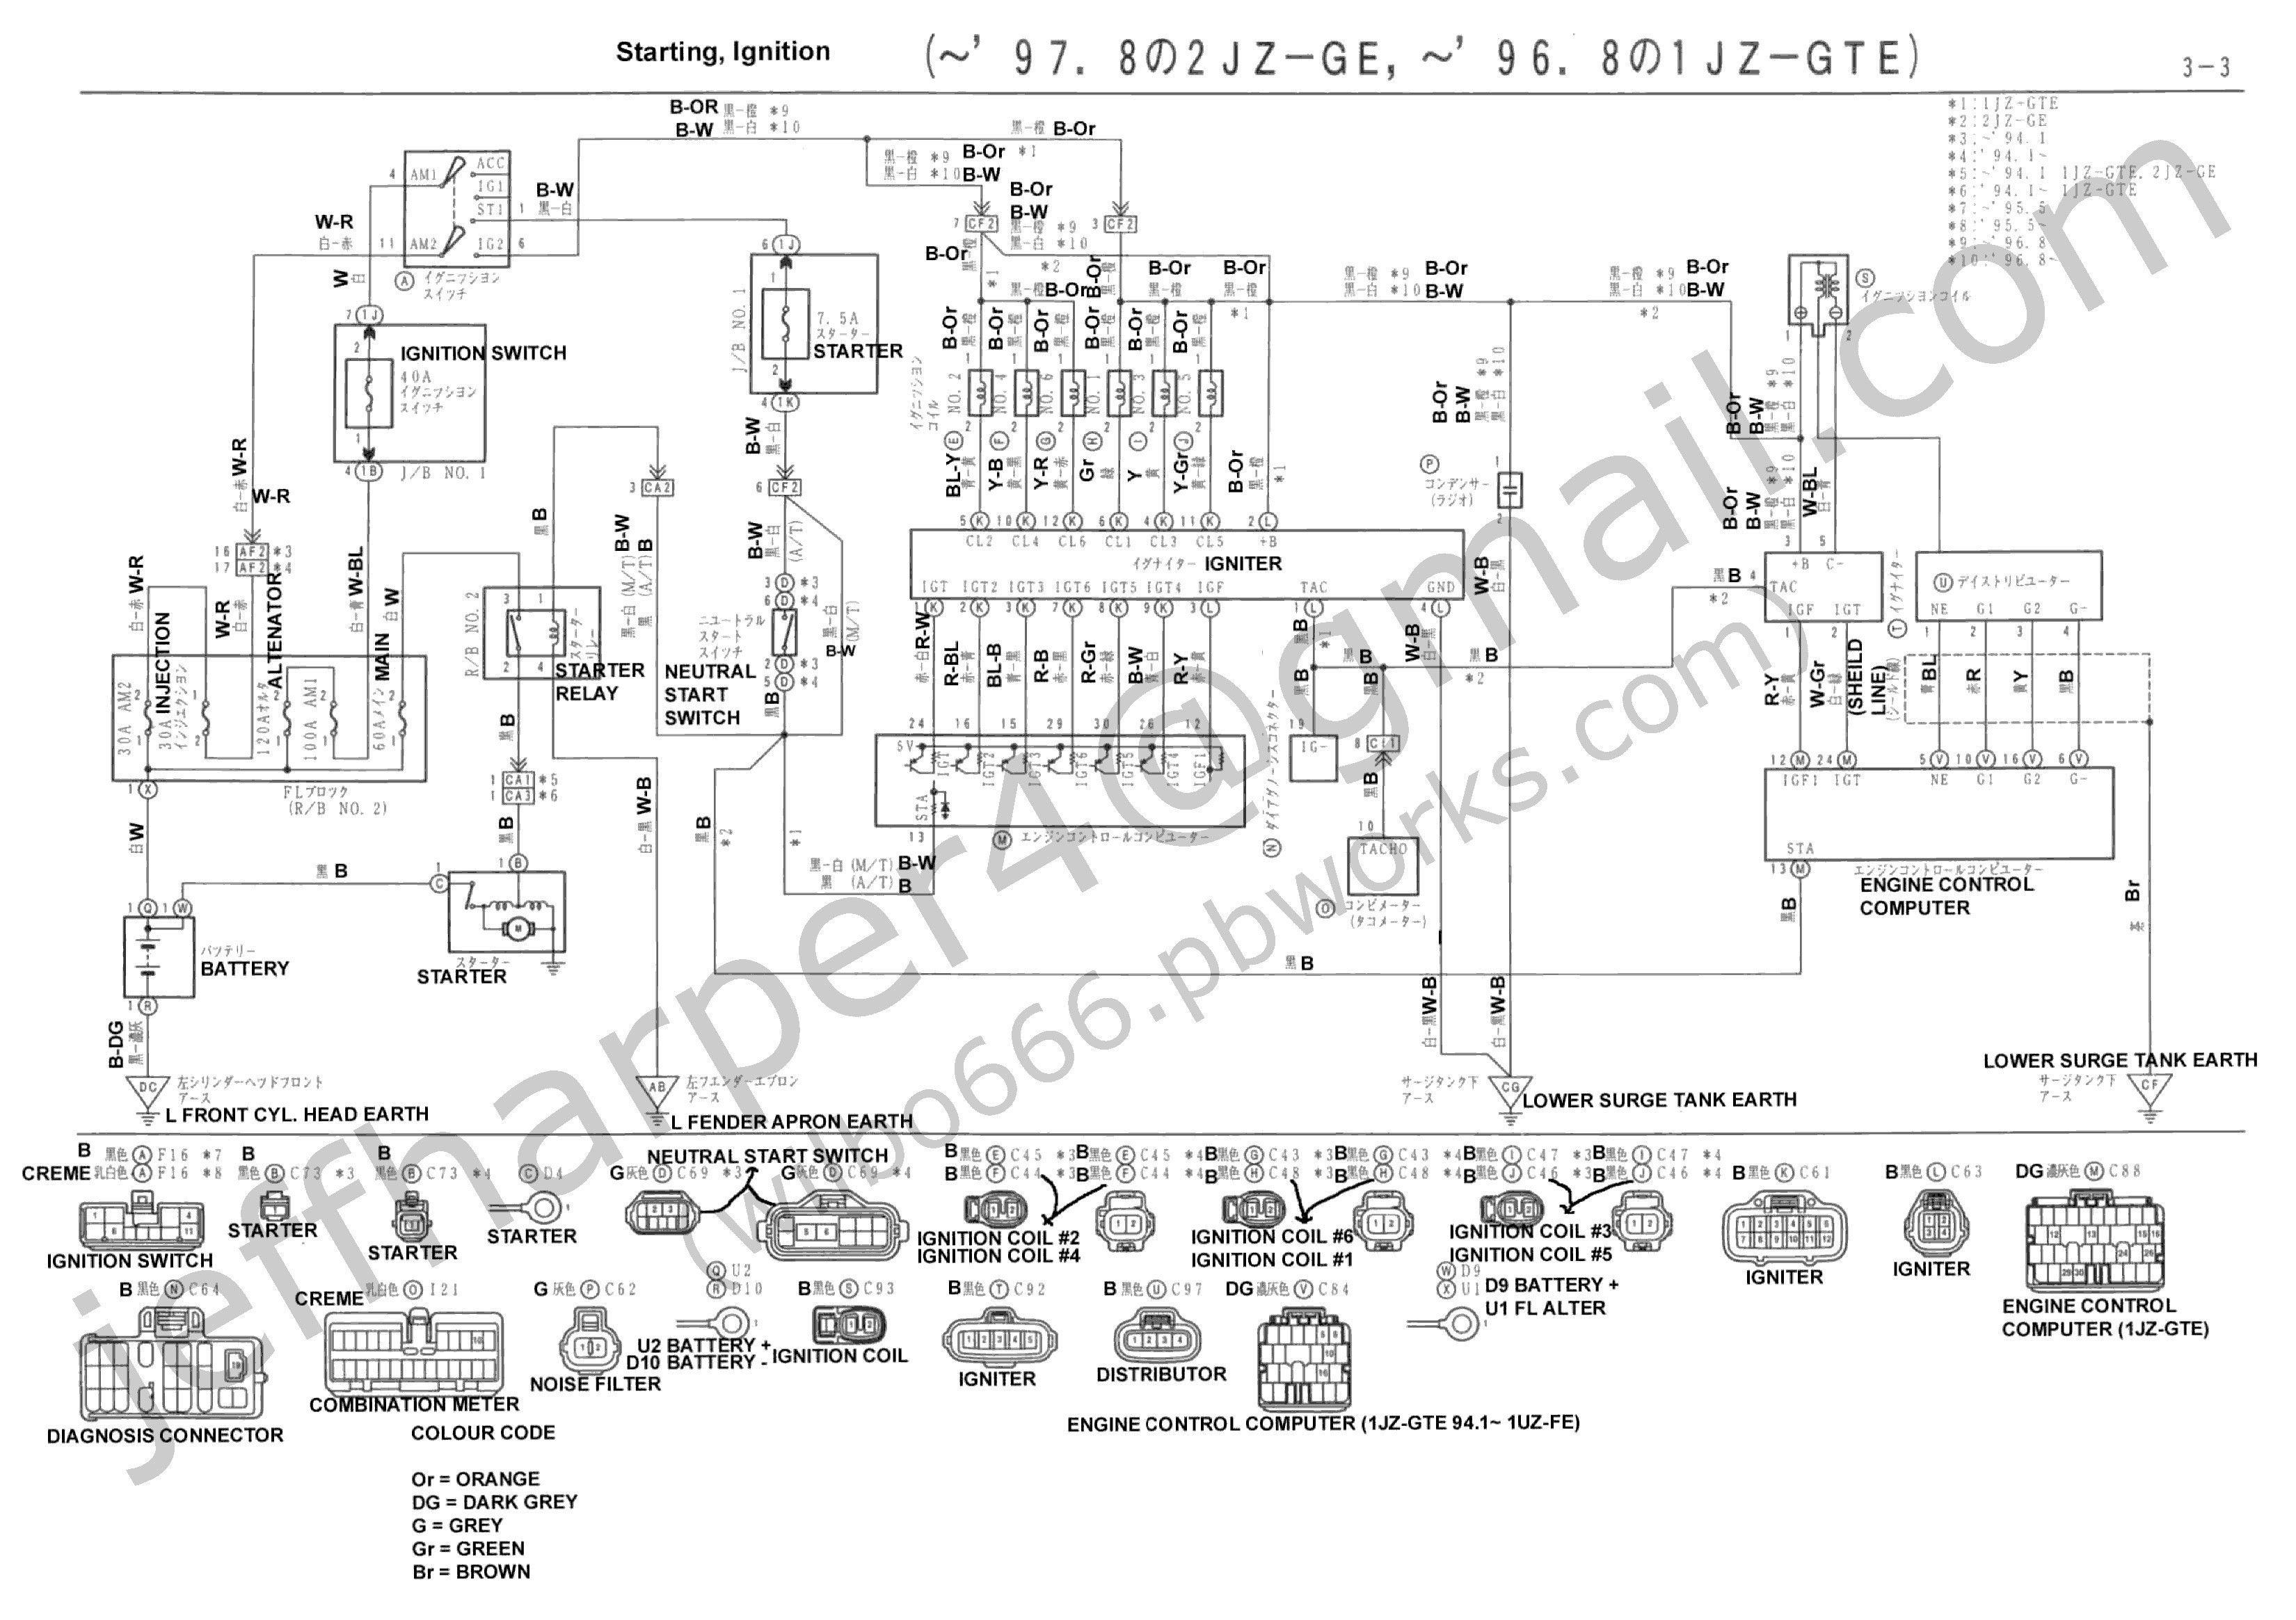 Beautiful Wiring Diagram Great Corolla Diagrams Digramssample Diagramimages Wiringdiagramsample Wiringdiagram Diagram Wire Alternator